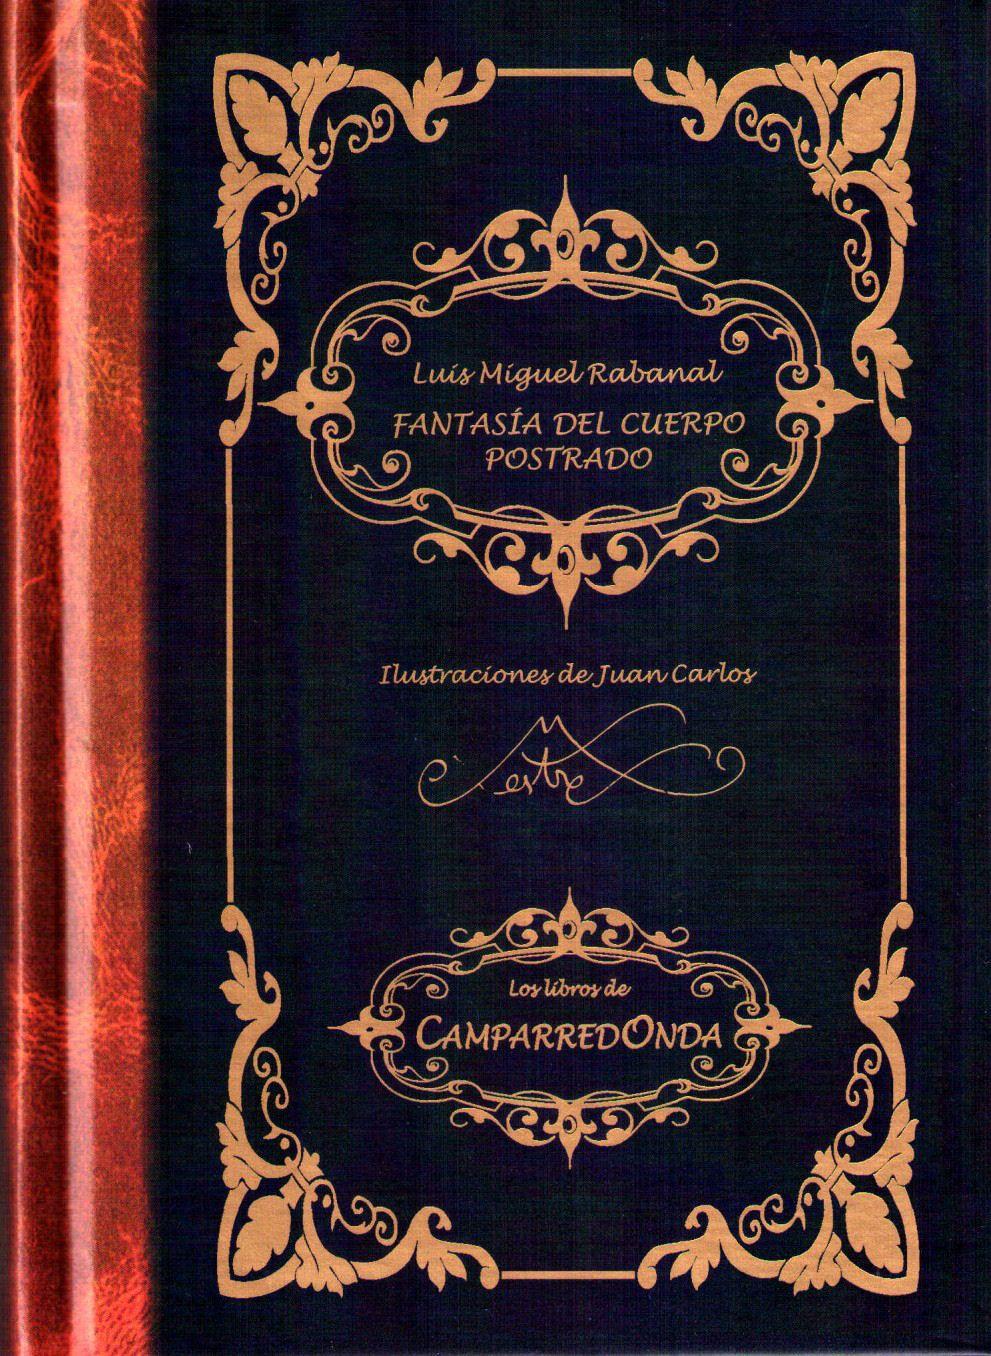 Book Cover Portadas : Fotografias de portadas libros antiguos buscar con